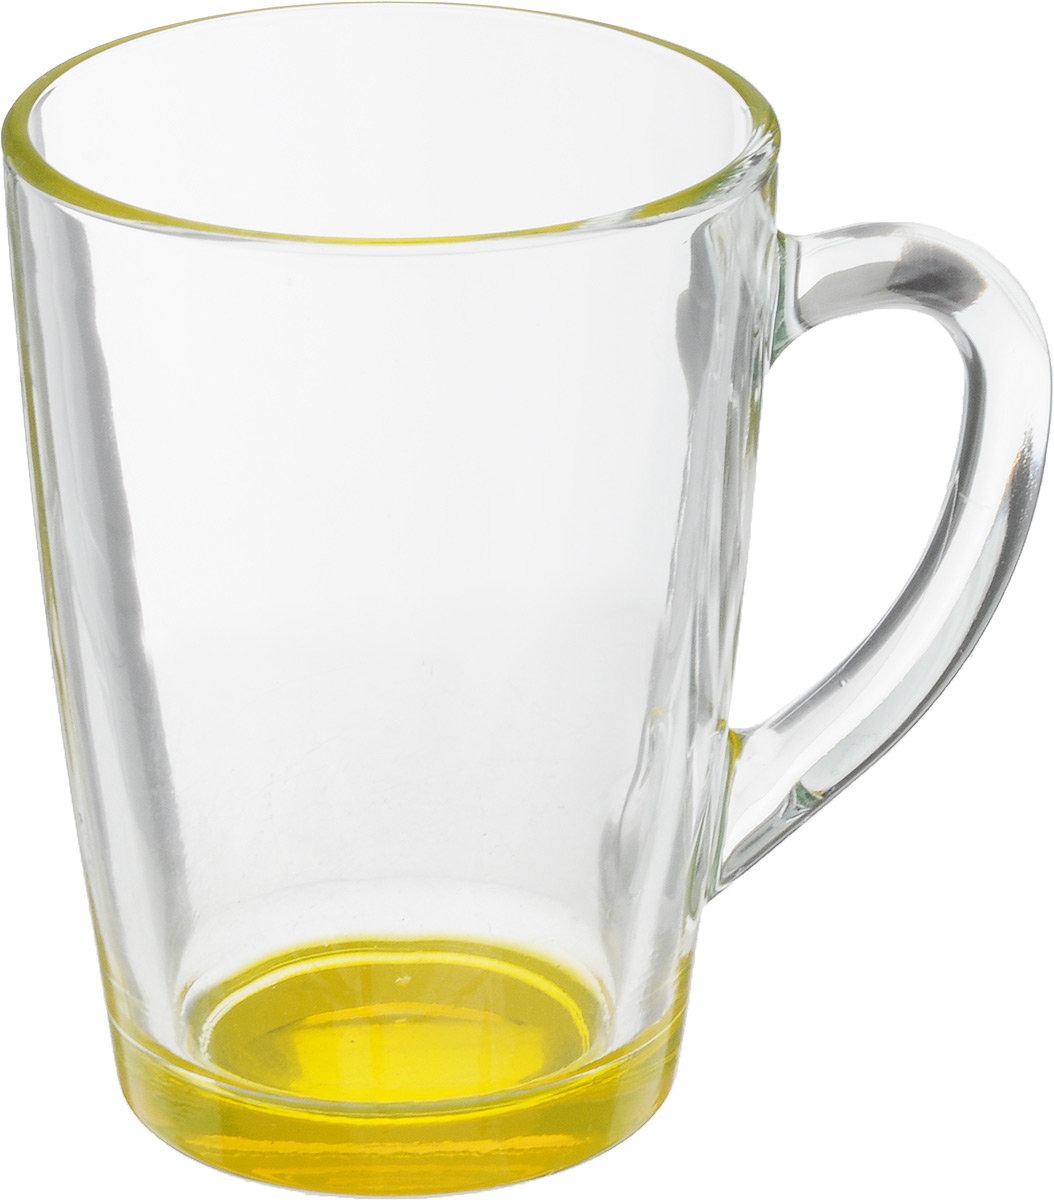 """Кружка OSZ """"Капучино"""", цвет: прозрачный, желтый, 300 мл. 07C1334LM"""